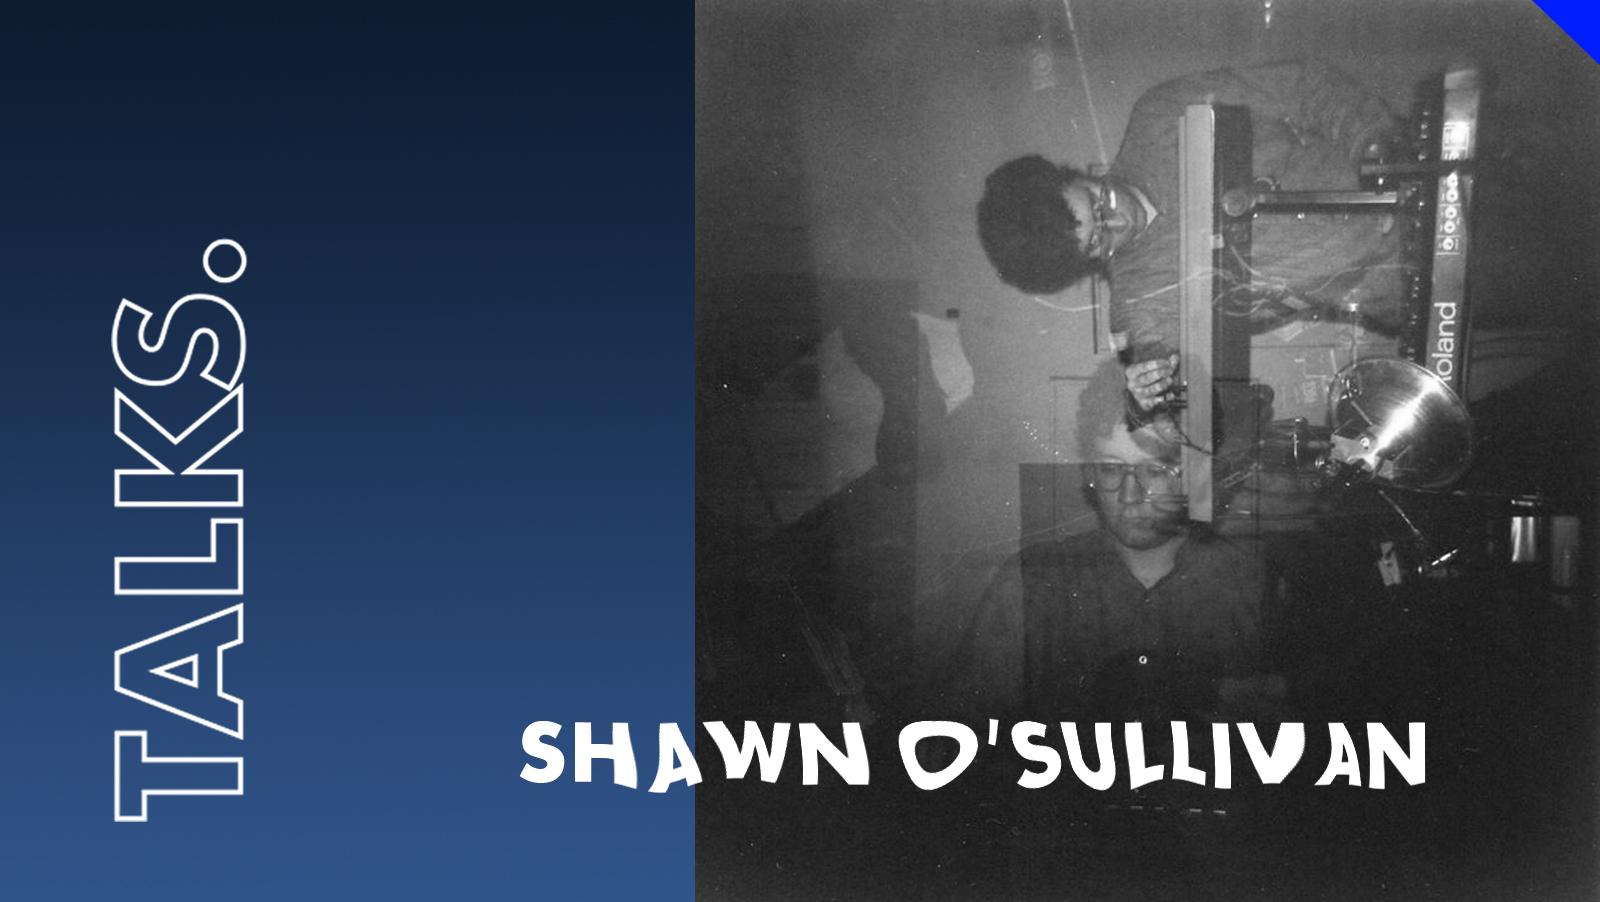 Shawn O'Sullivan